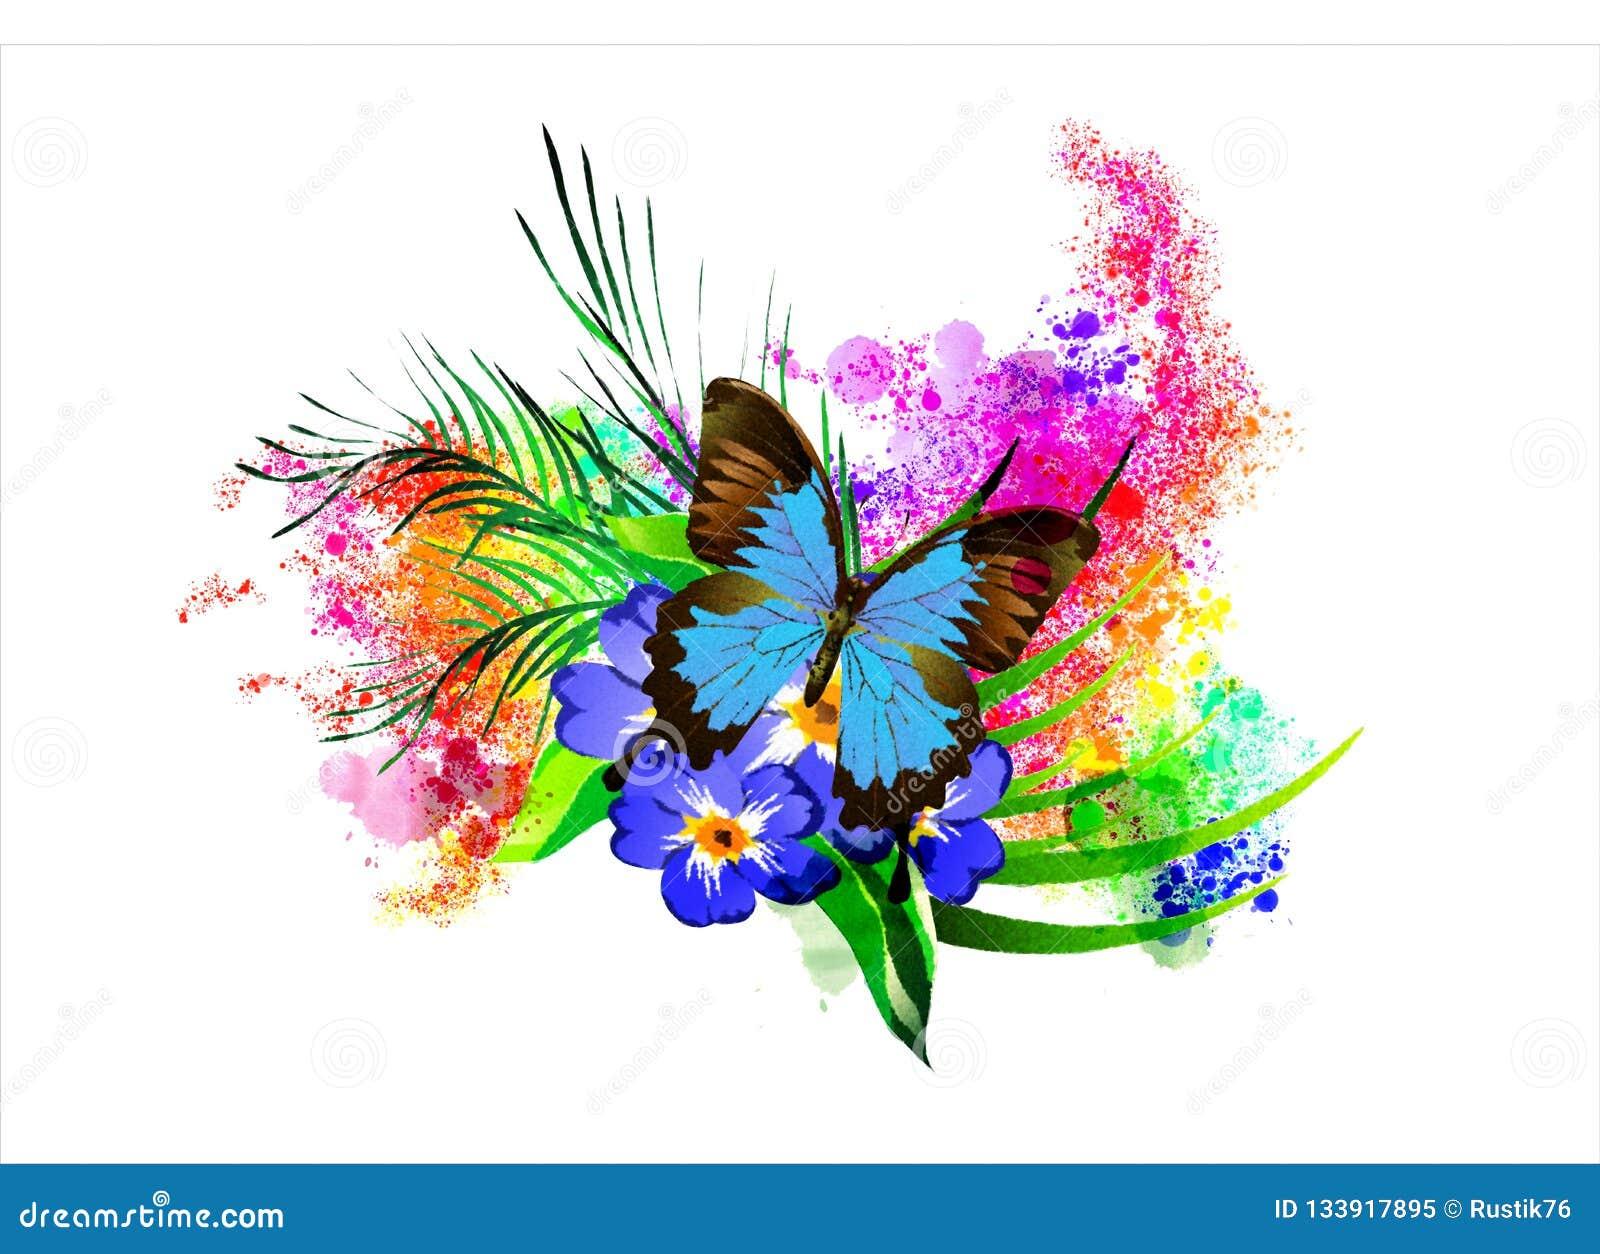 La mariposa con una flor en el fondo del arco iris salpica